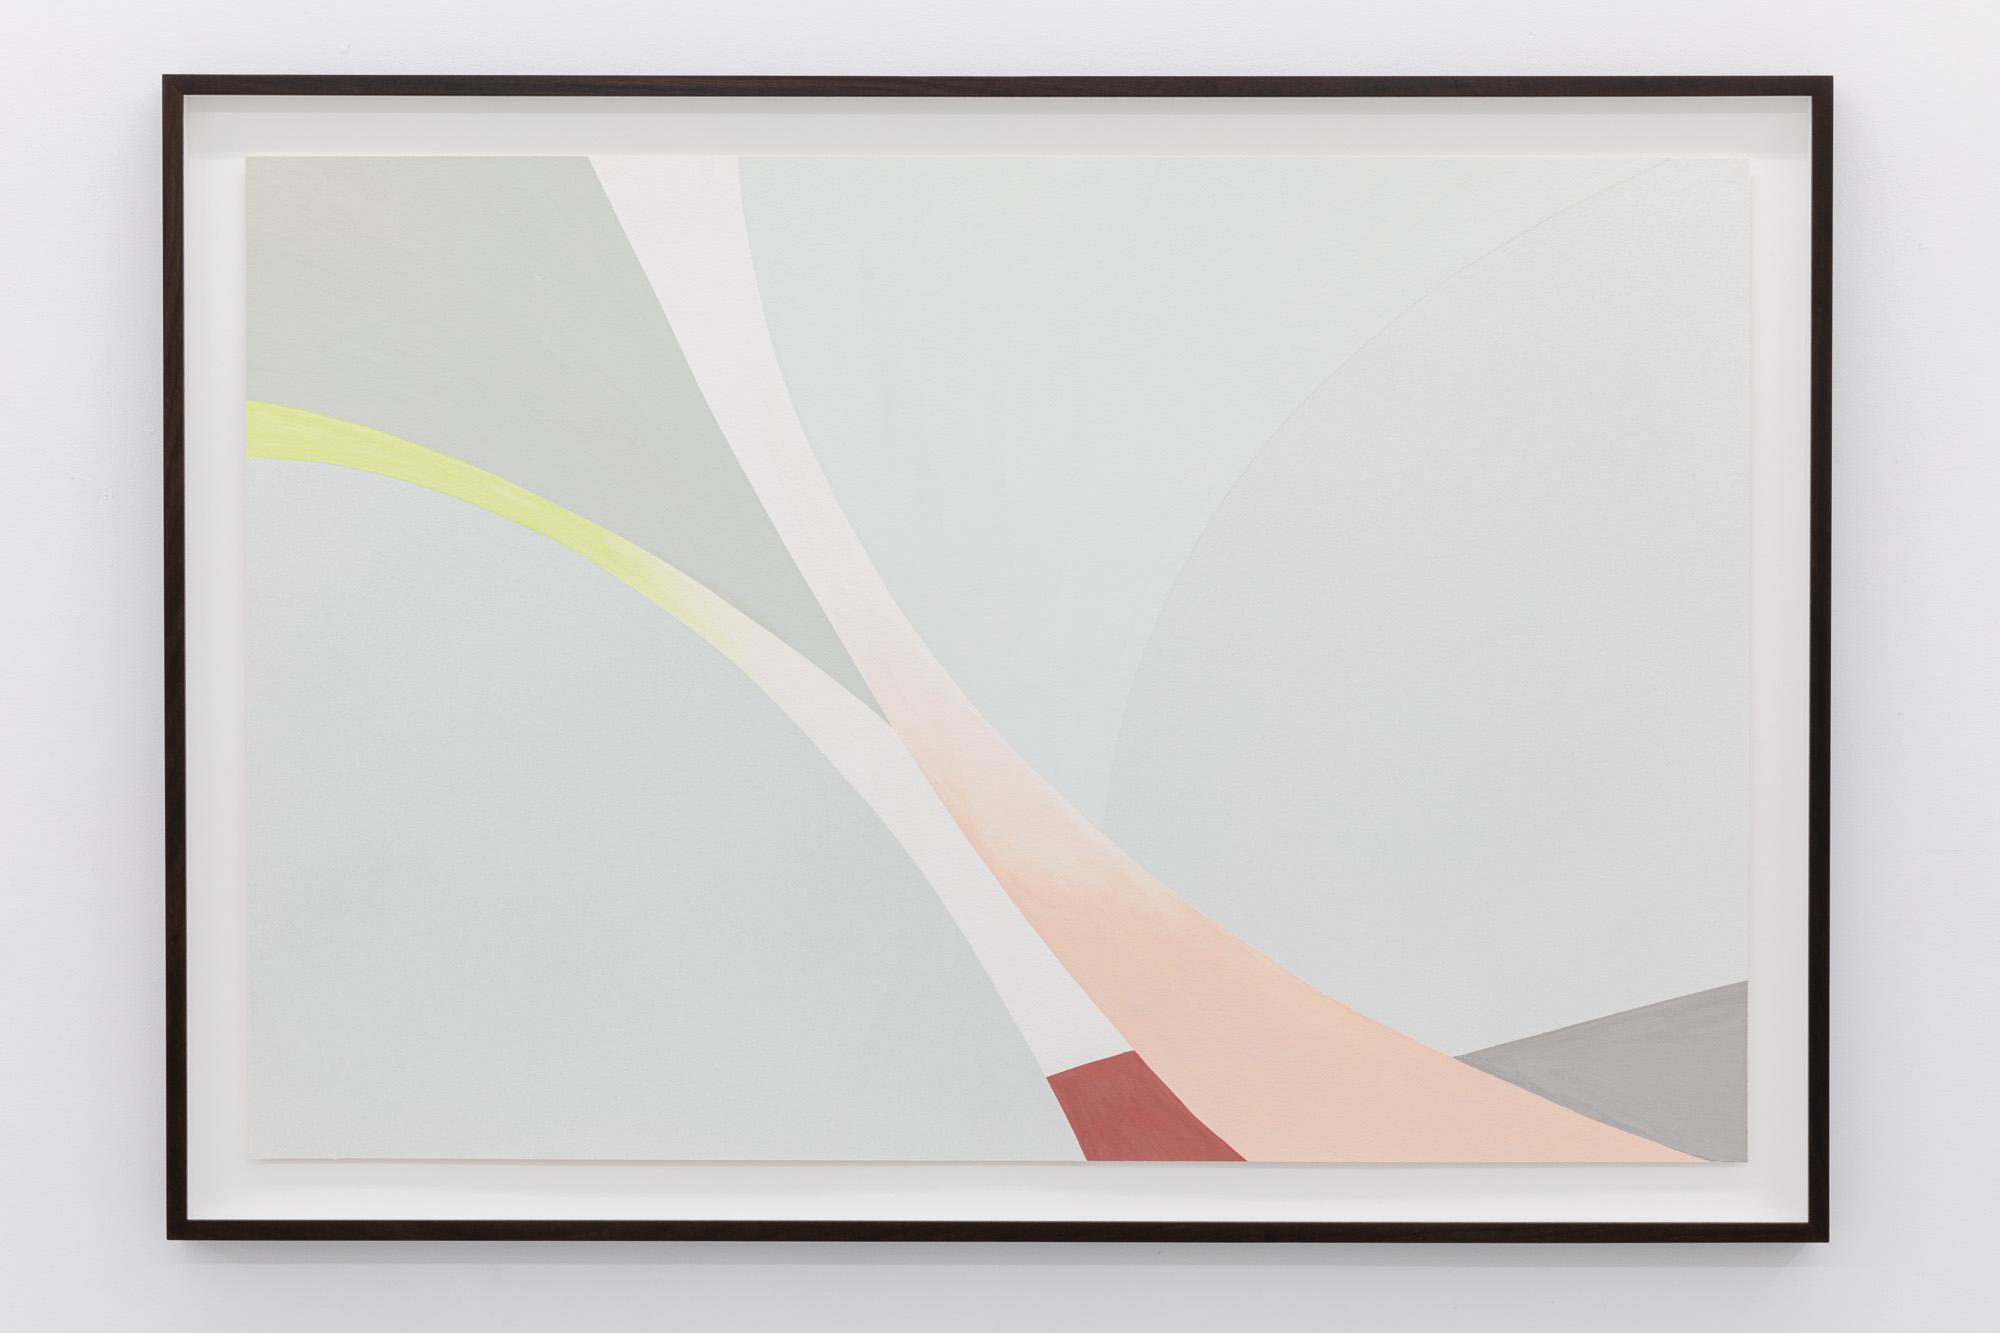 Lightcurves VI, 2020, Watercolor and casein tempera on 640 gsm Arches Grain Torchon paper, 78,2 x 116,5 cm, Unique